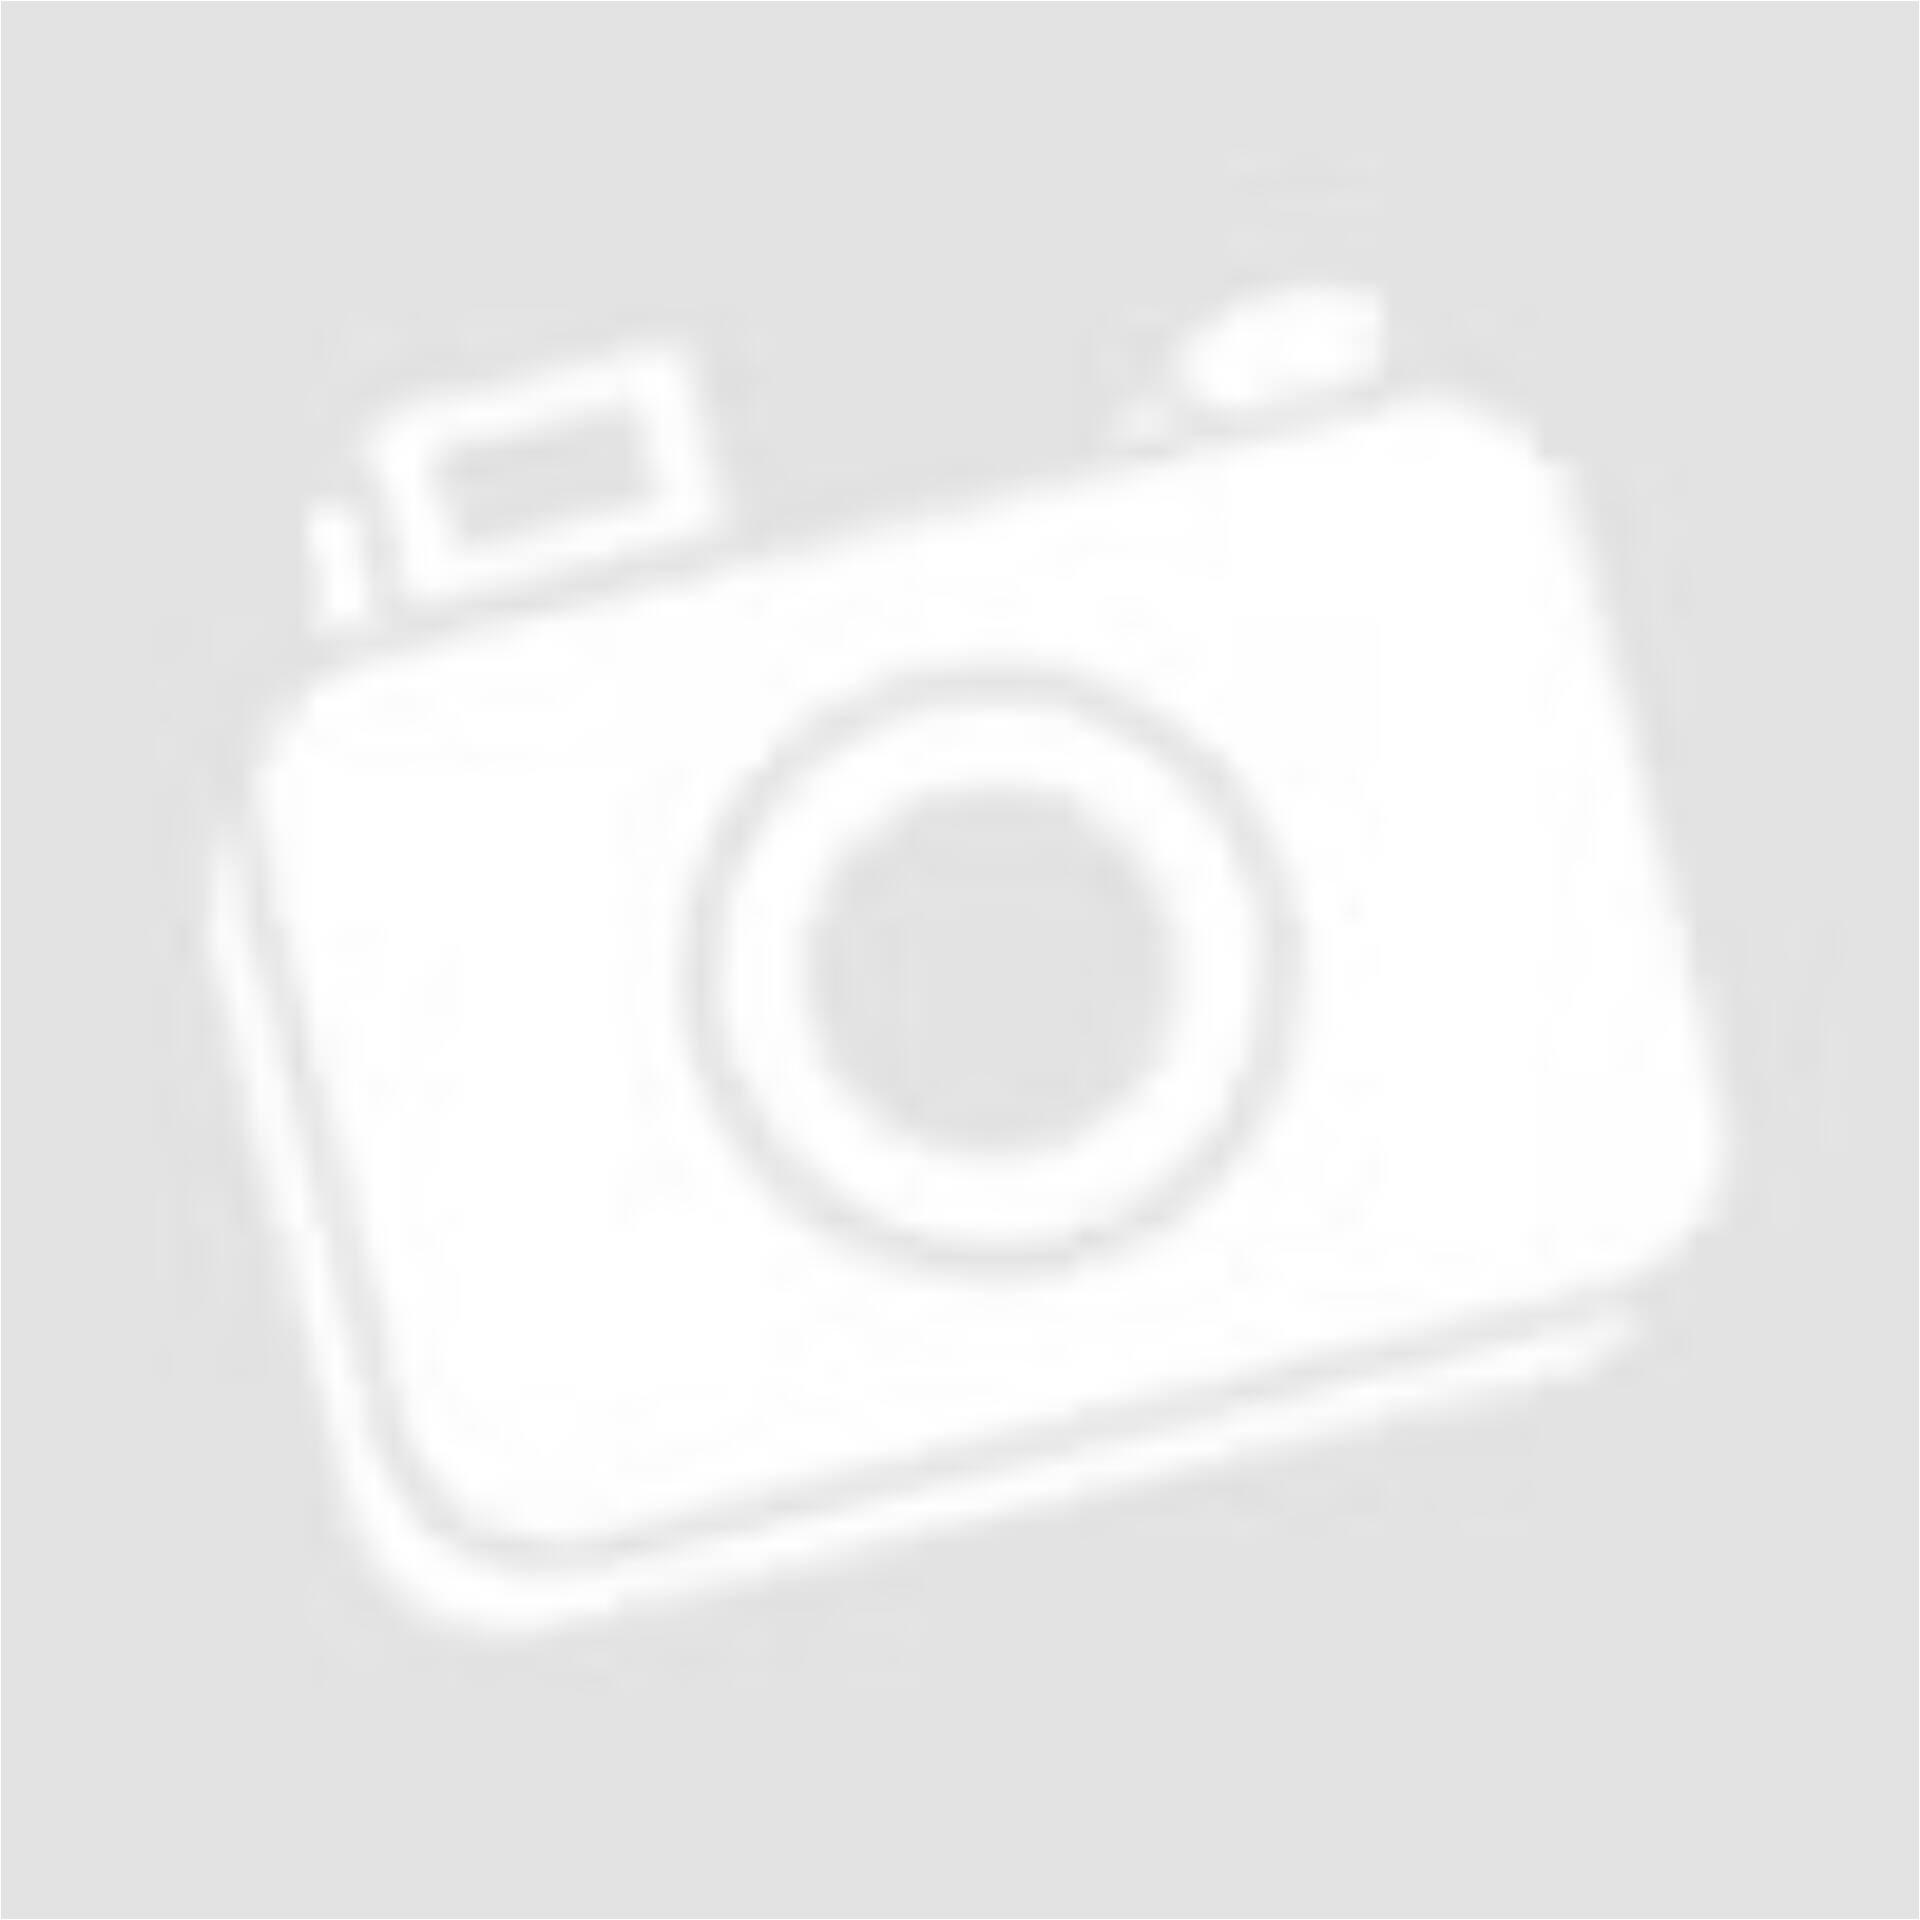 03599b917f Didi fekete ruha (Méret: XXS) - Alkalmi ruha, kosztüm - Öltözz ki ...